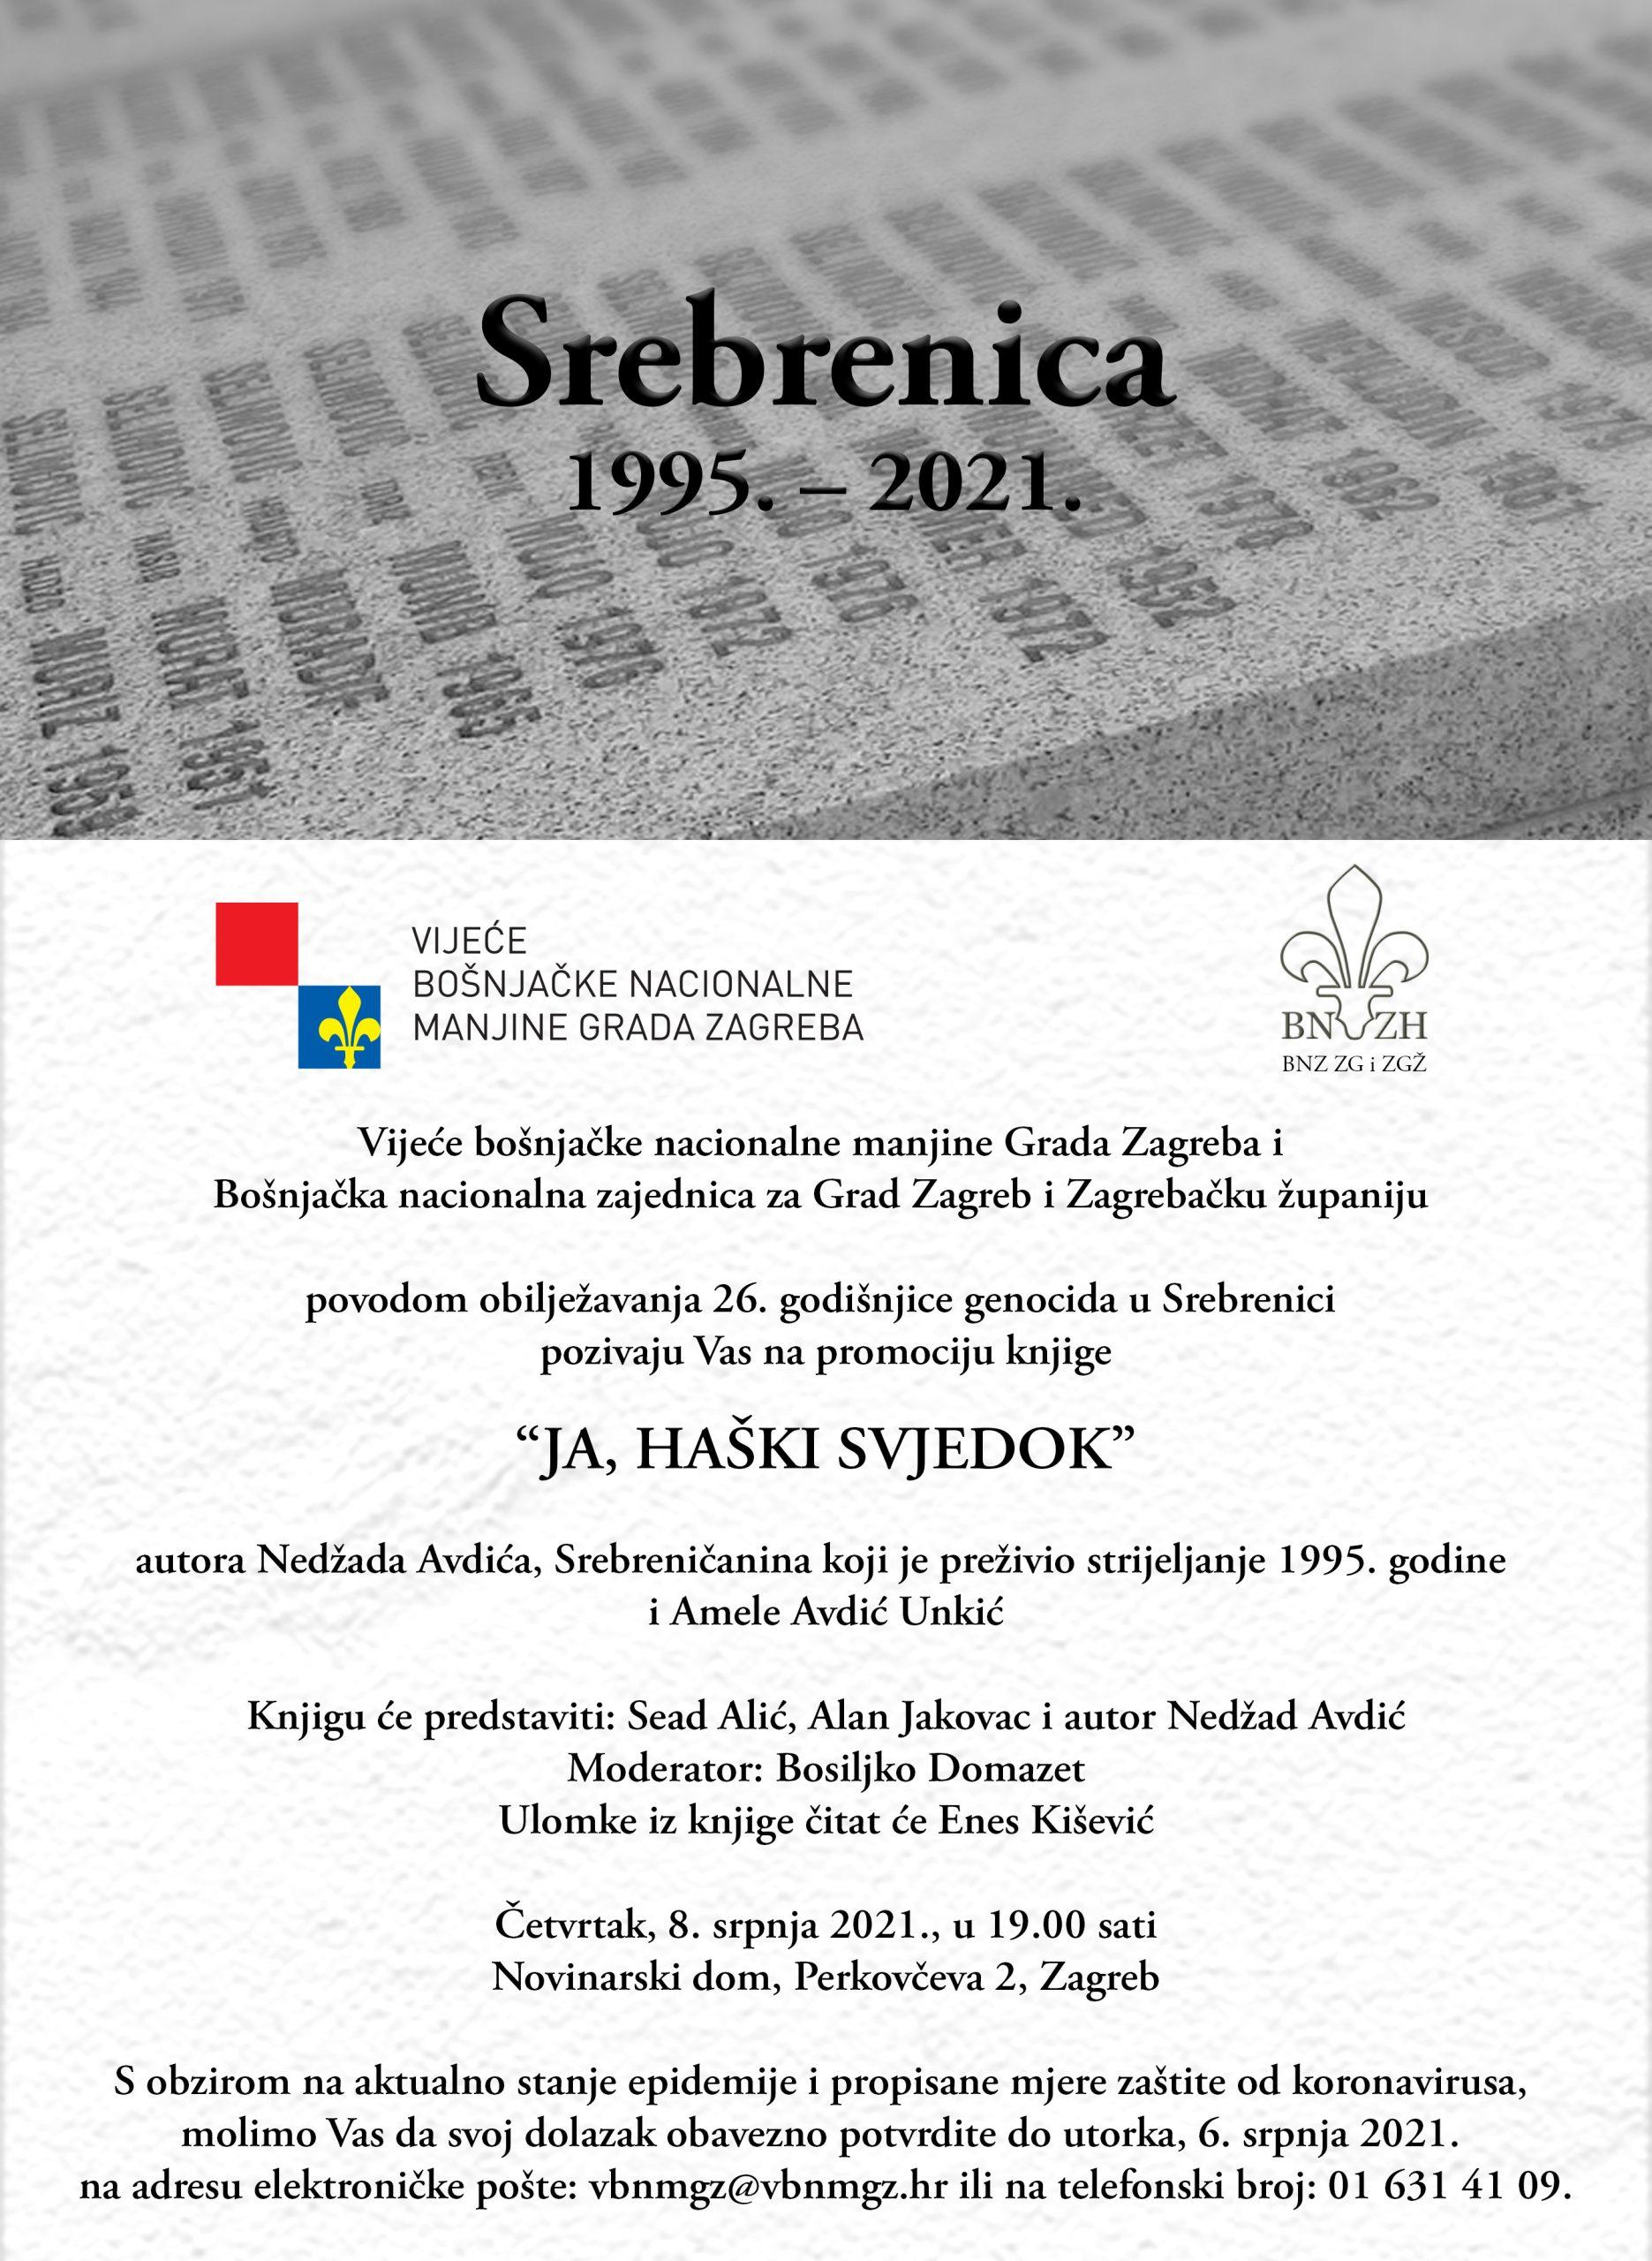 Obilježavanje 26. godišnjice genocida u Srebrenici